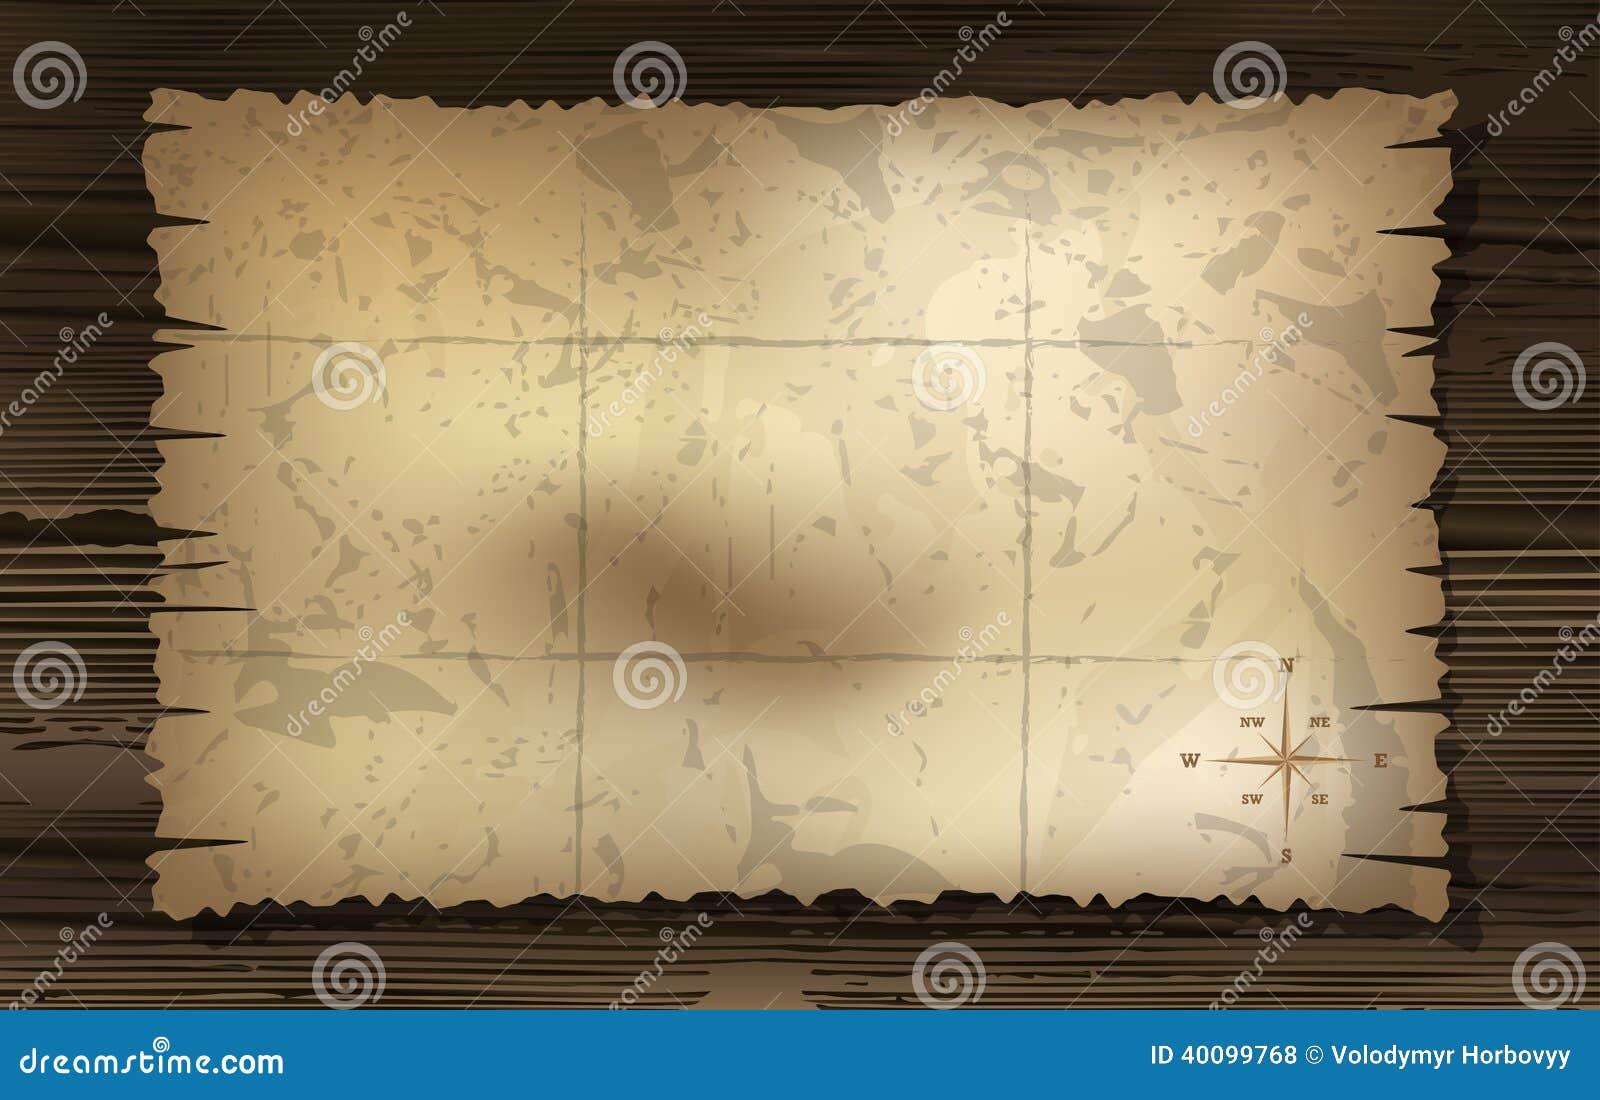 Mappa invecchiata del tesoro con il fondo della bussola